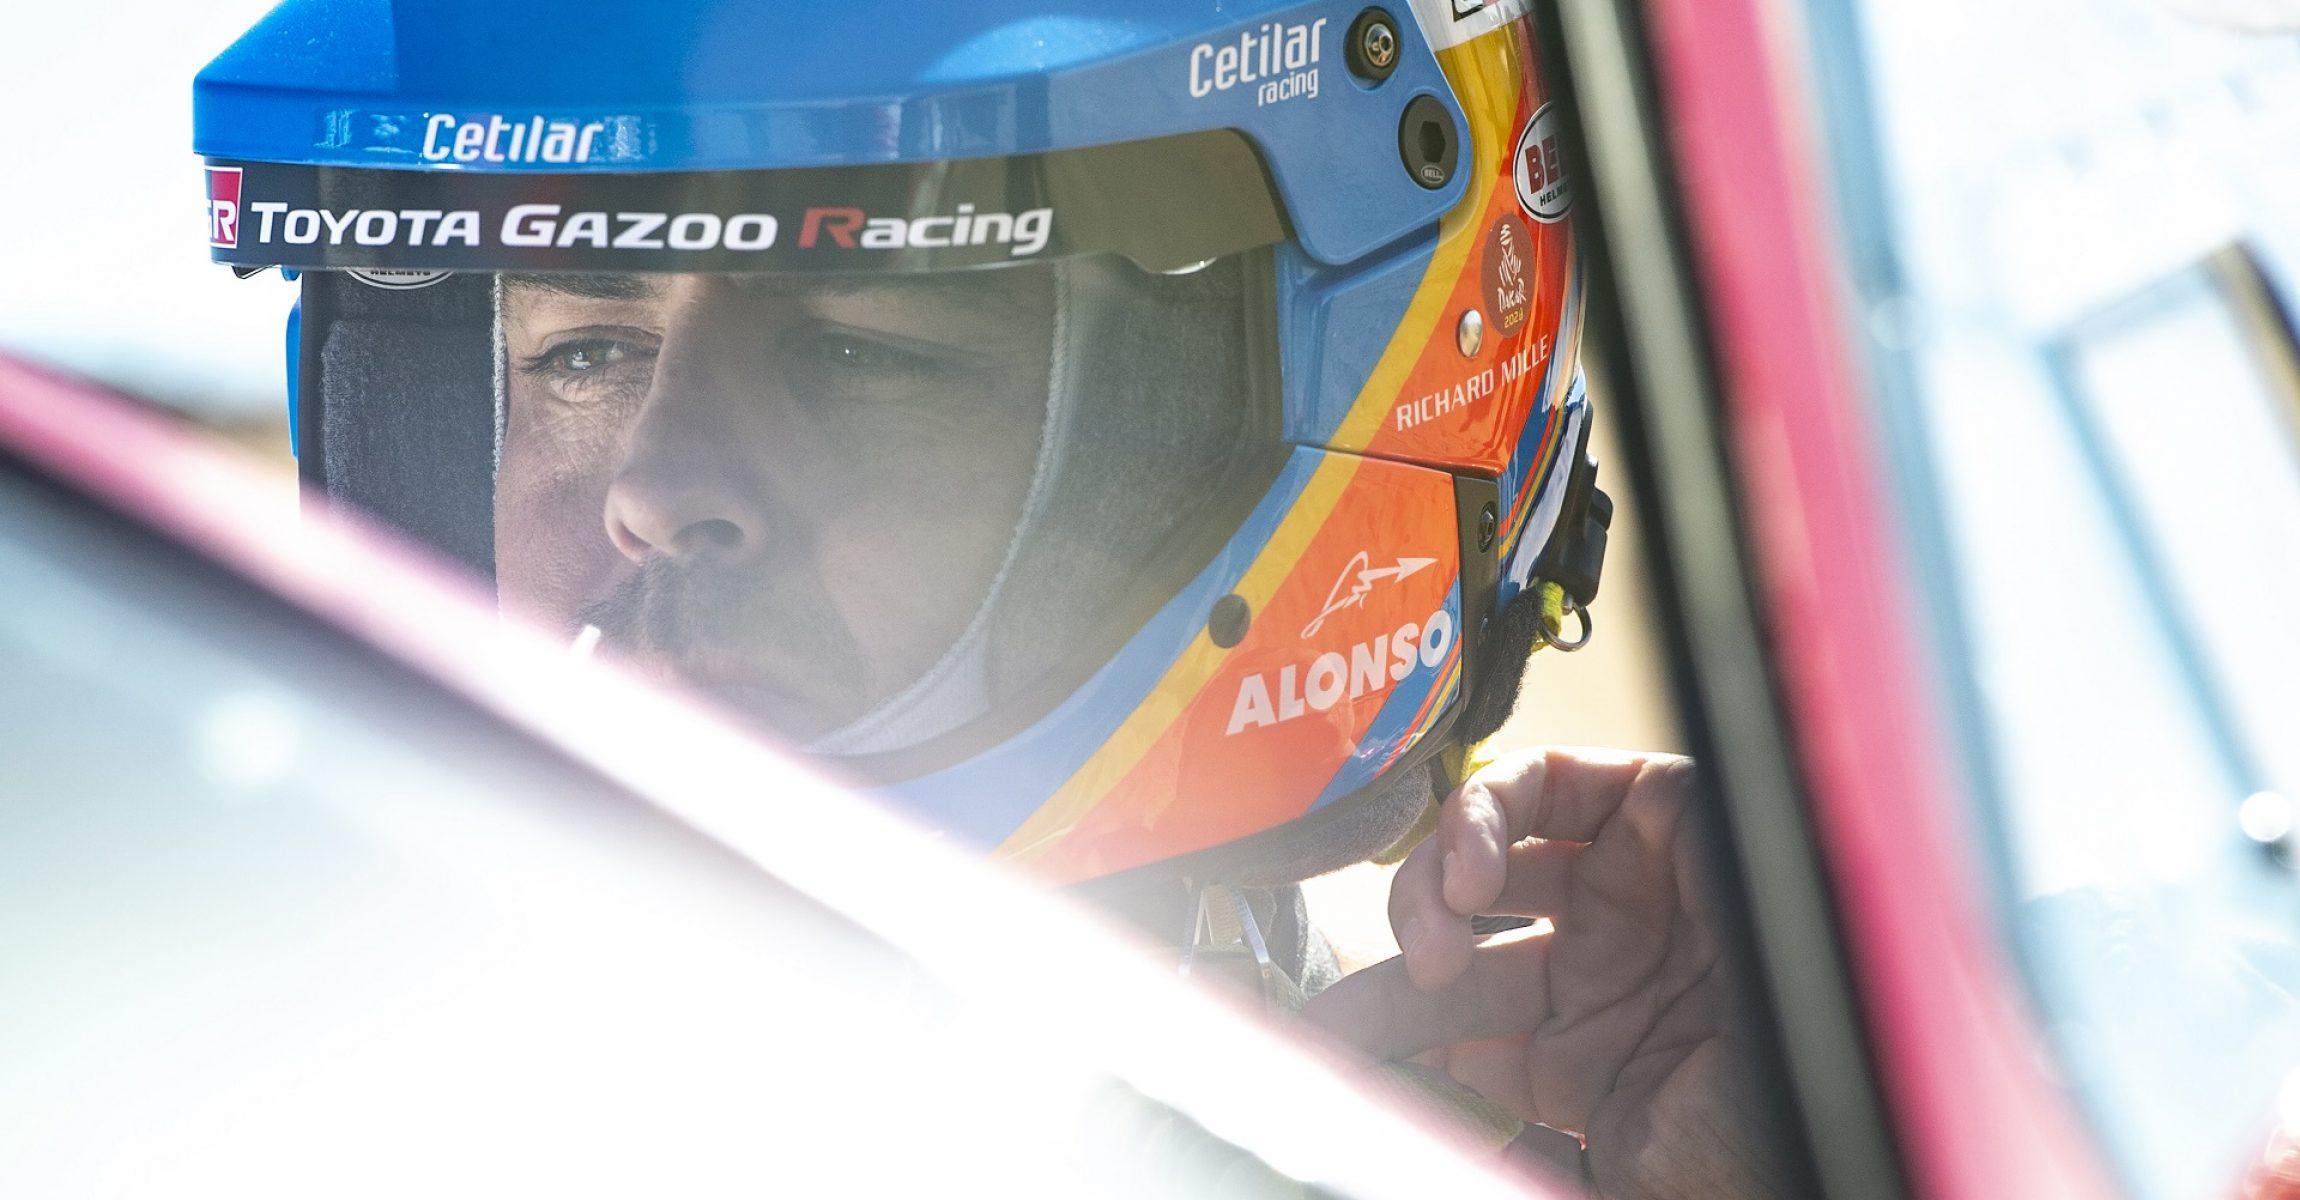 Alonso Fernando (esp), Toyota Gazoo Ragin, Auto, Car, portrait during Stage 1 of the Dakar 2020 between Jeddah and Al Wajh, 752 km - SS 319km, in Saudi Arabia, on January 5, 2020 - Photo Charly Lopez